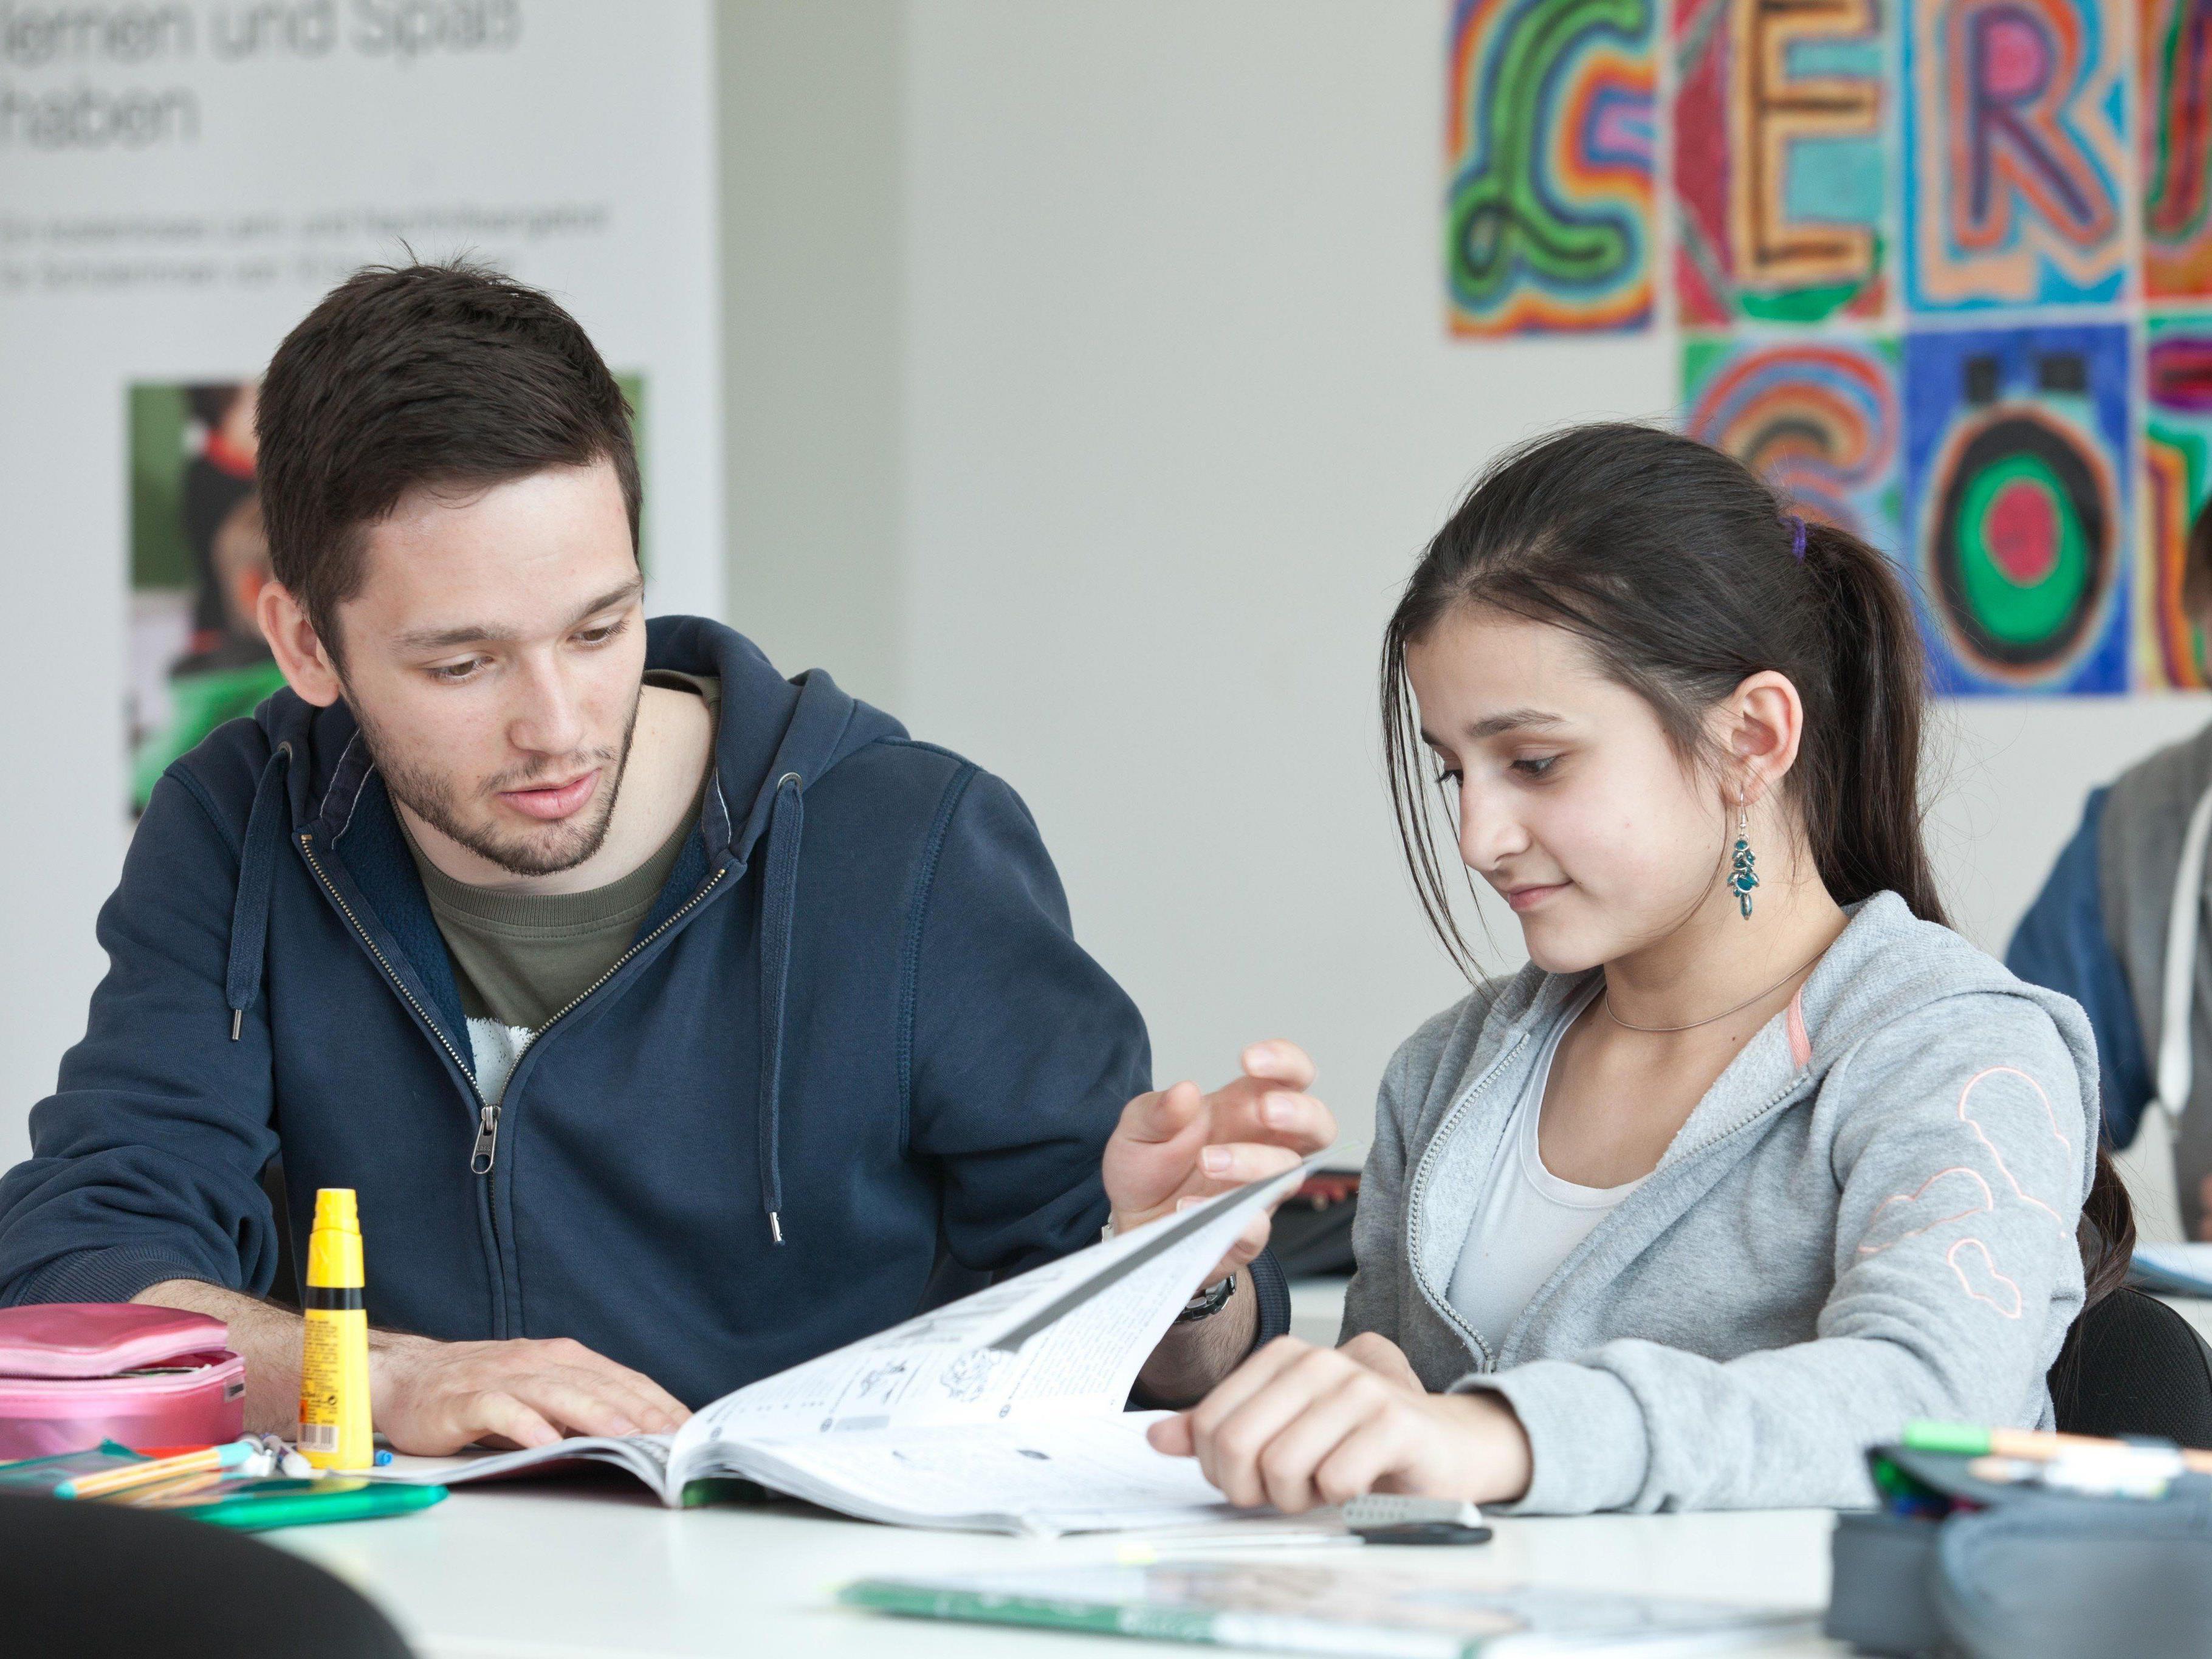 Gerade zum Schulstart sind Familien sehr gefordert. Regelmäßig steigen die Anfragen an die Caritas Vorarlberg zu Schulbeginn.